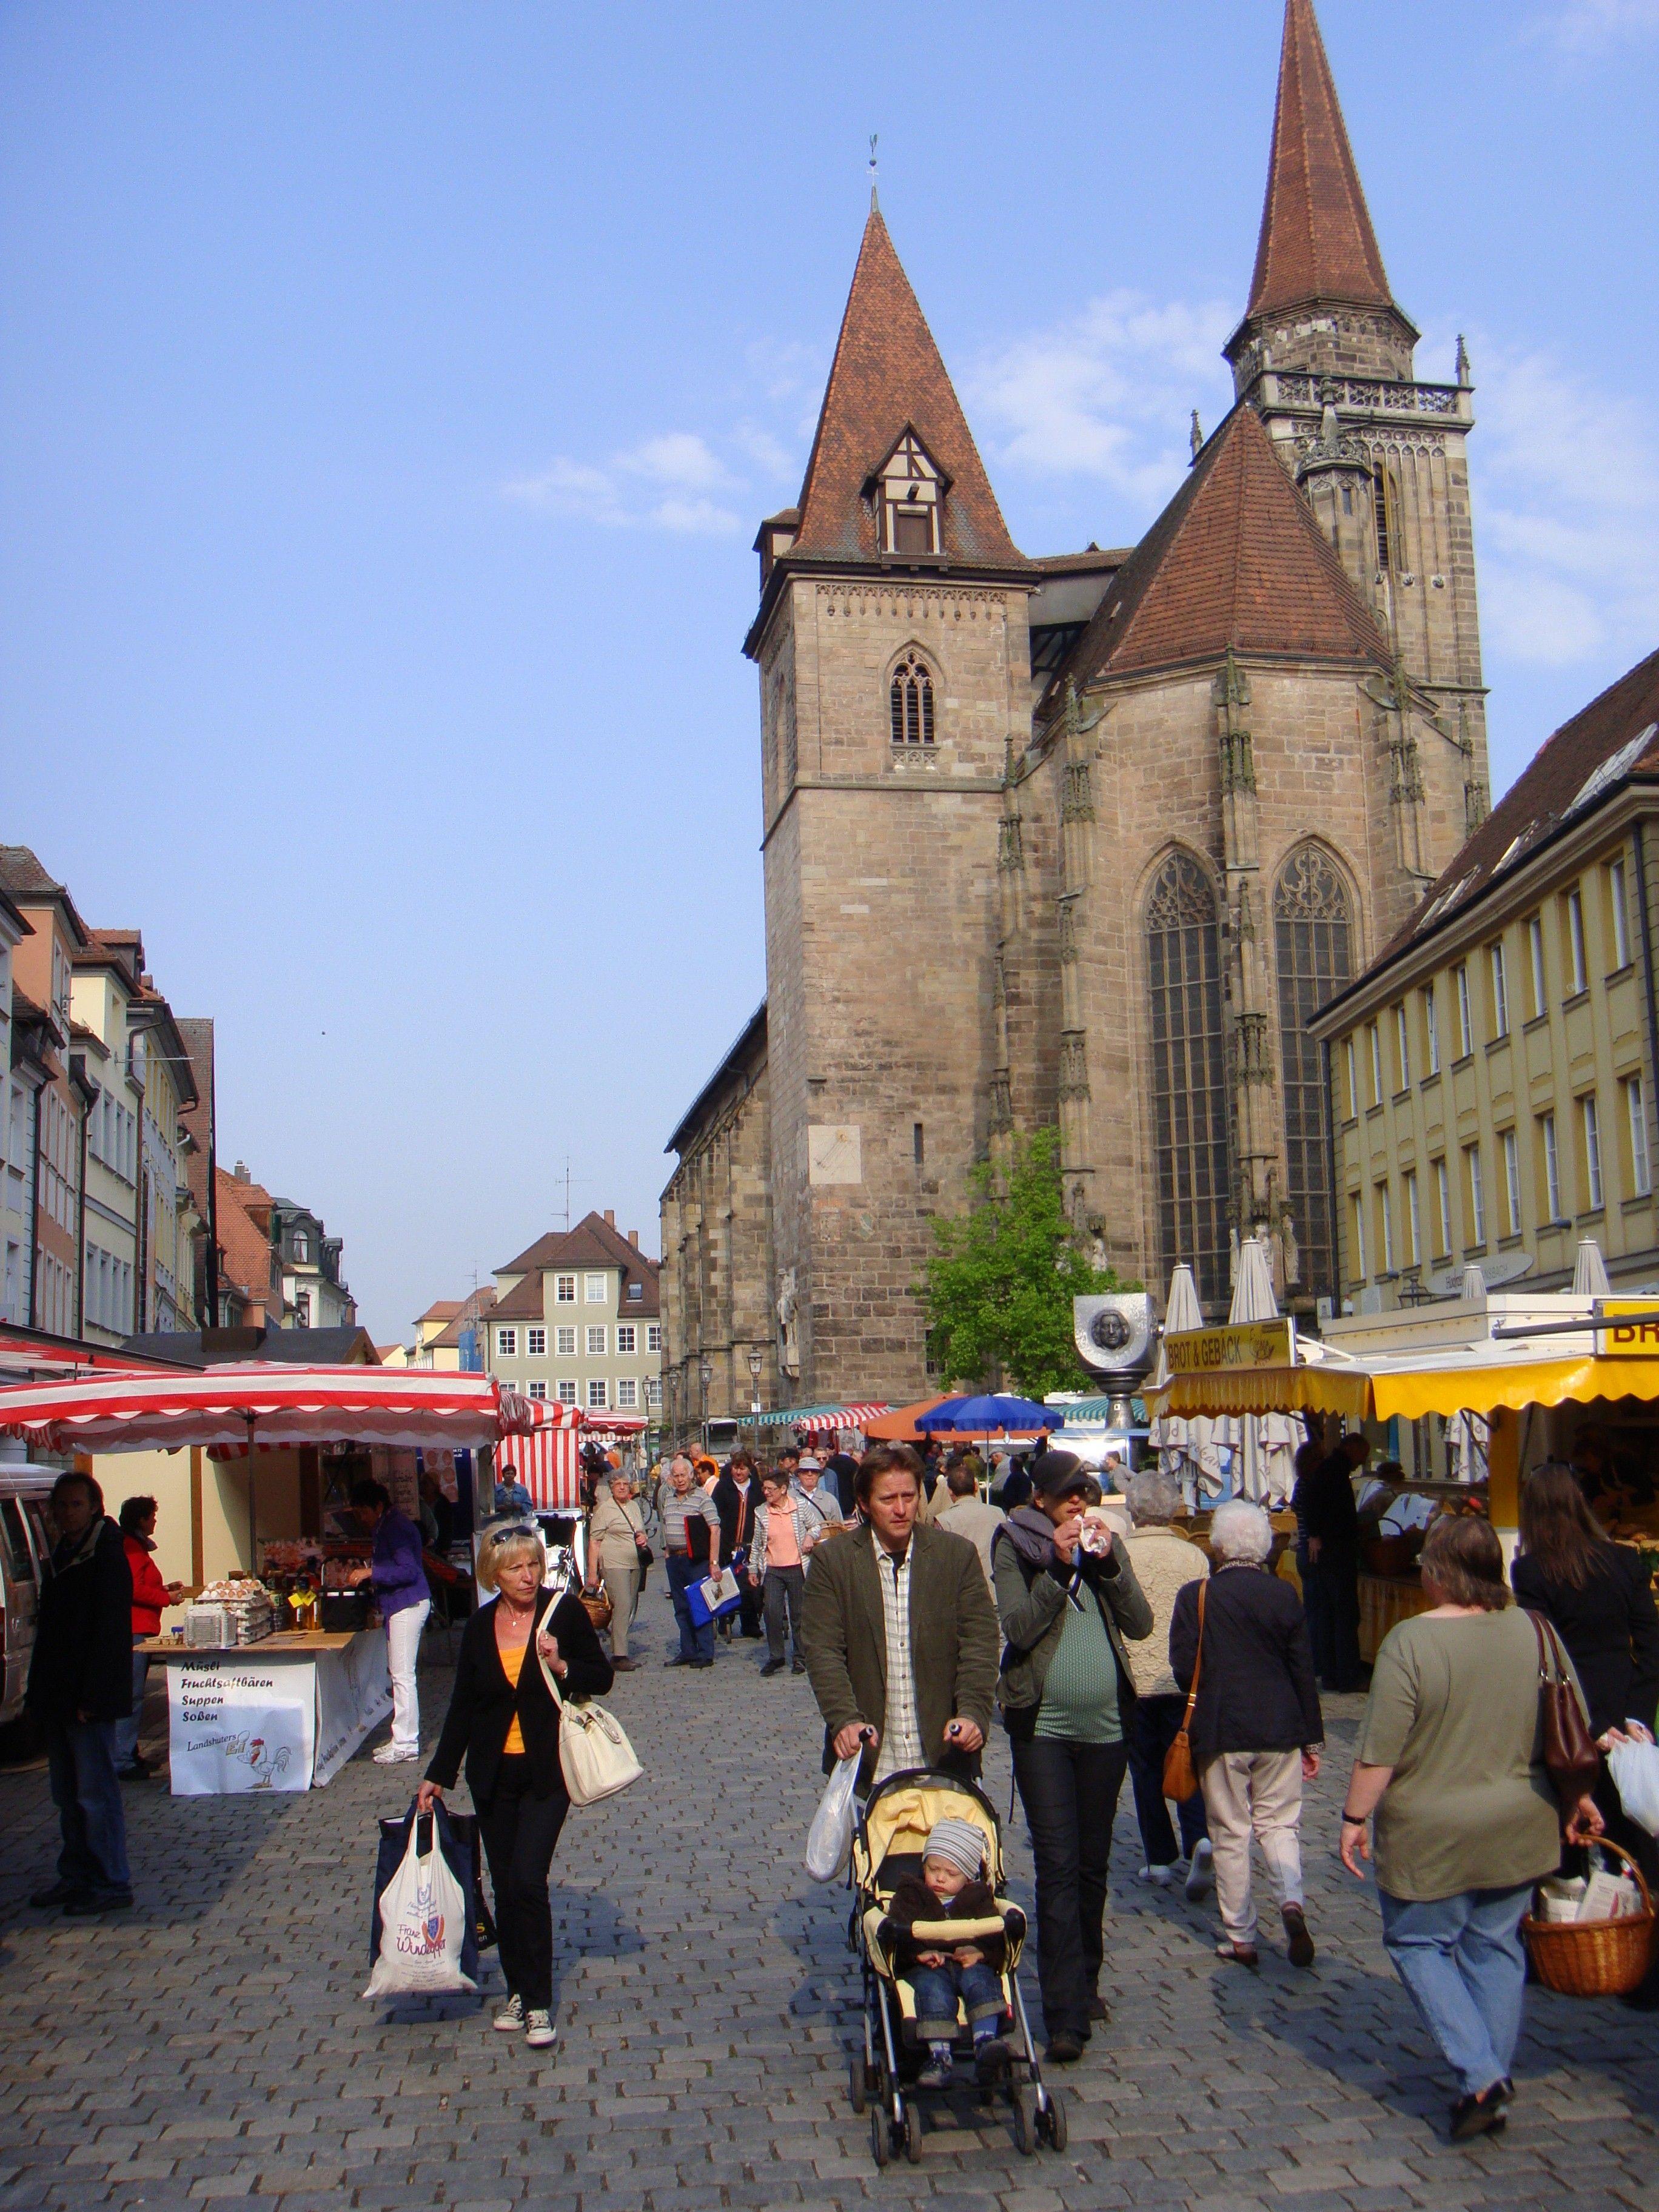 Markt.De Mittelfranken